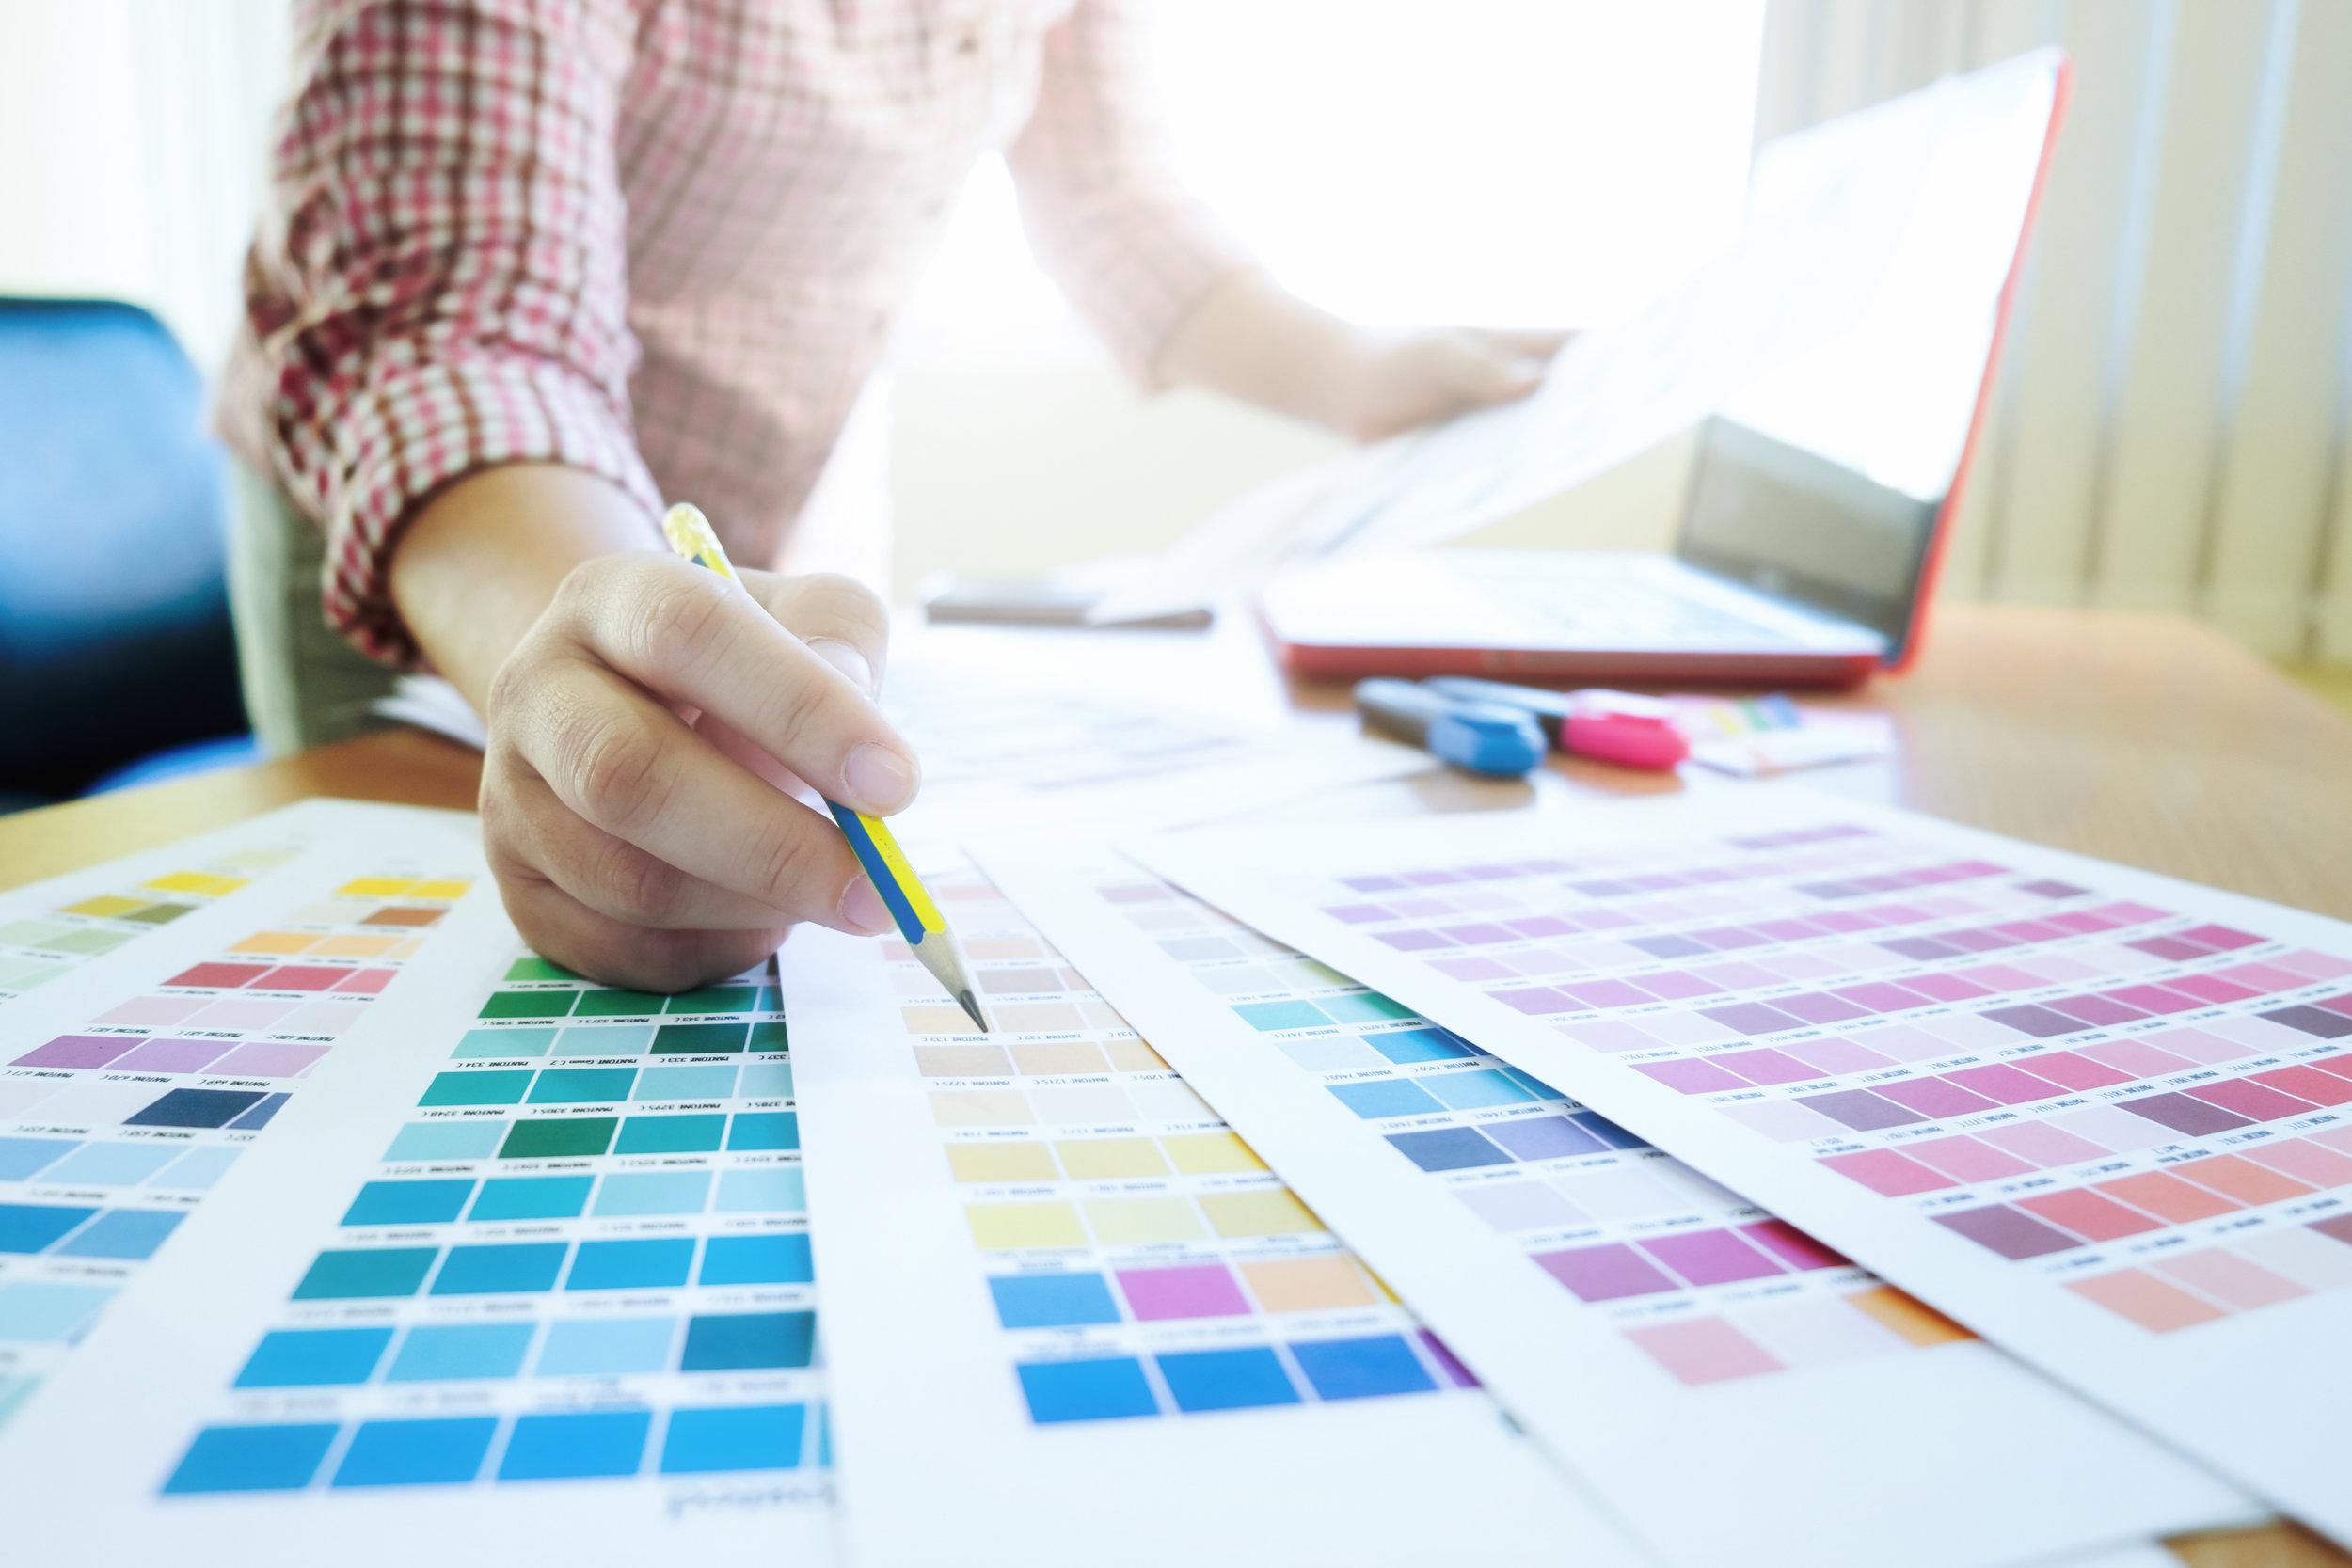 Design & Stationery - Diseño & Papelería (Comercial & Eventos)